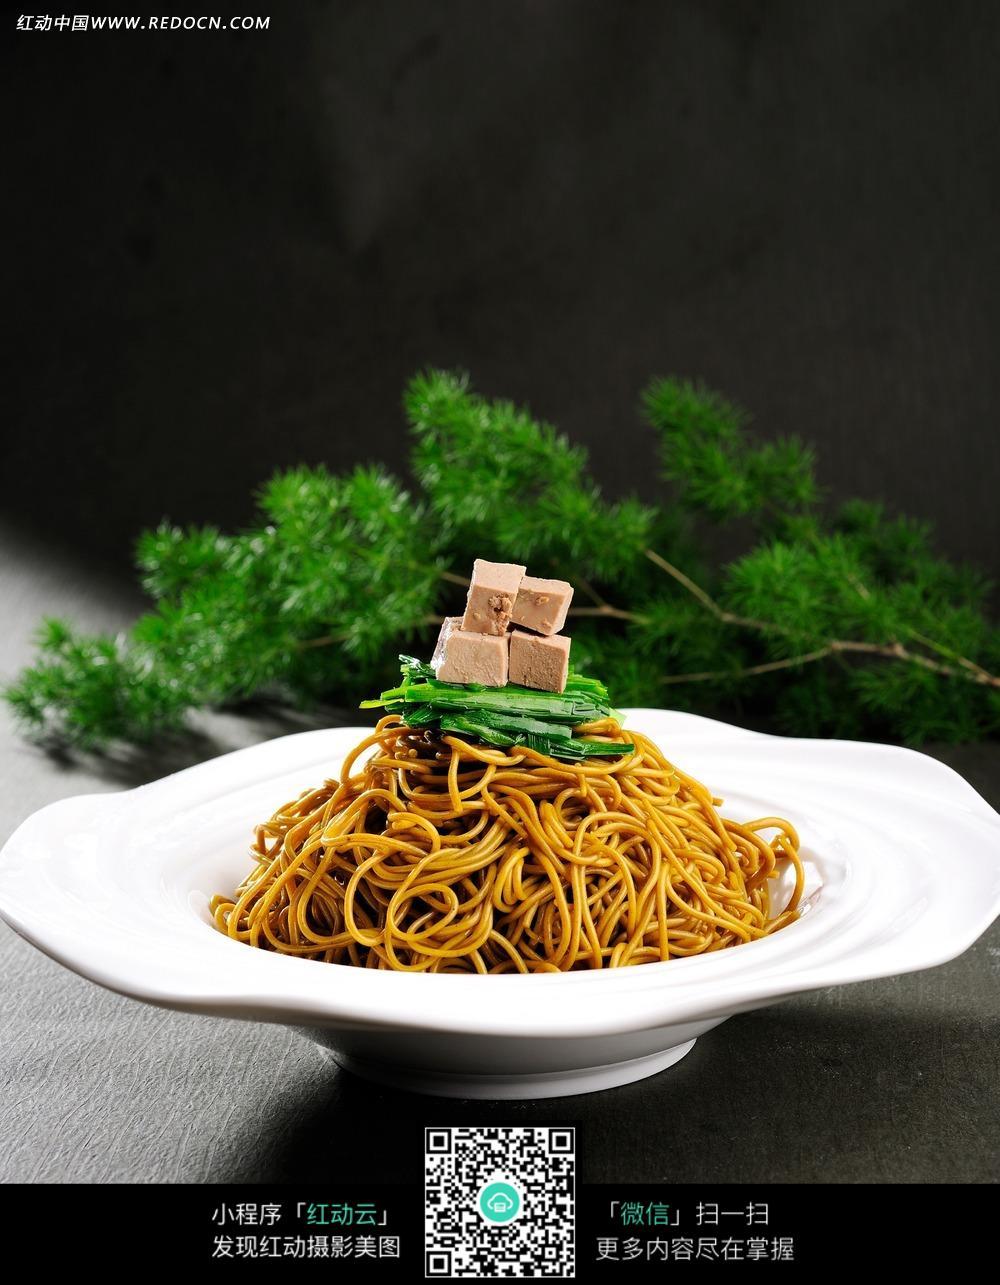 美食苦荞-图片美食 图片库素材下载(编号:最强-水江镇图库532600图片